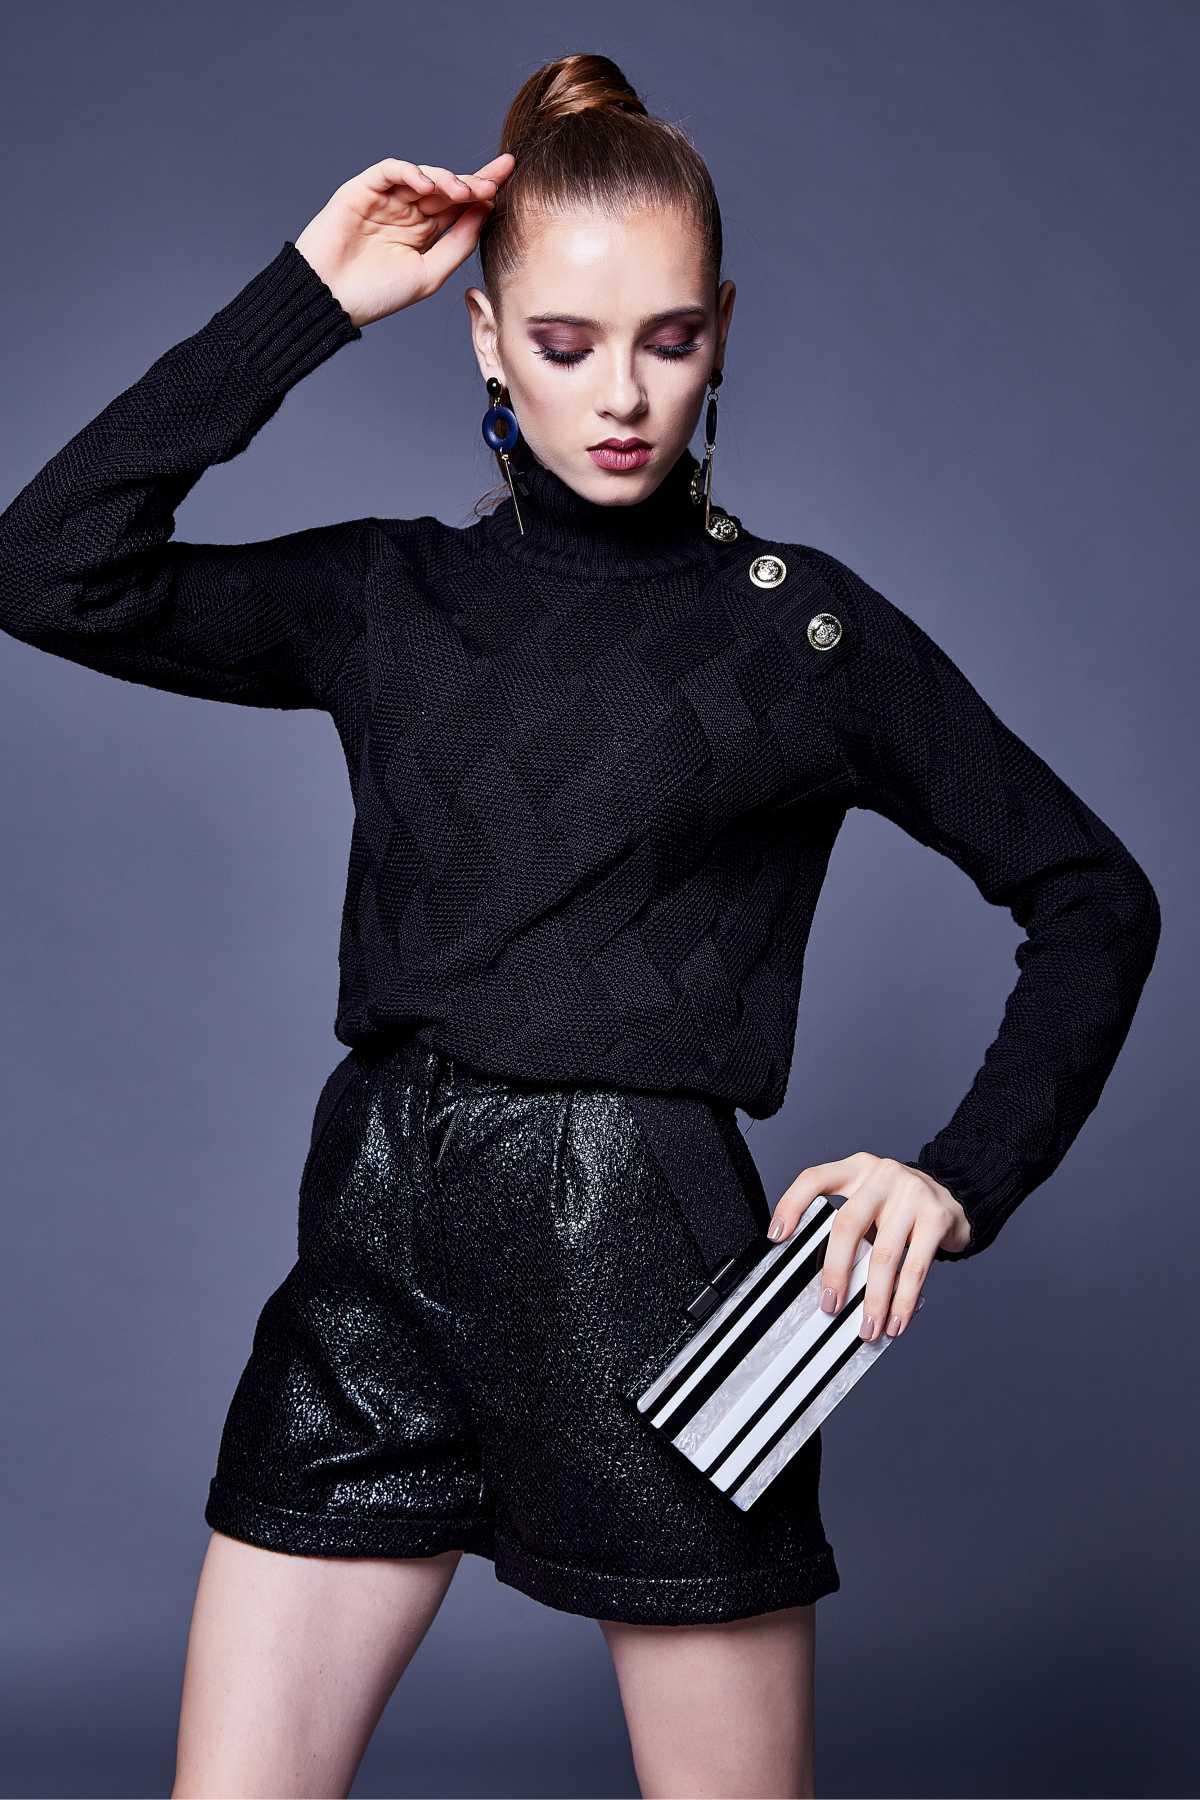 Produção para noite com blusa preta e short metálico